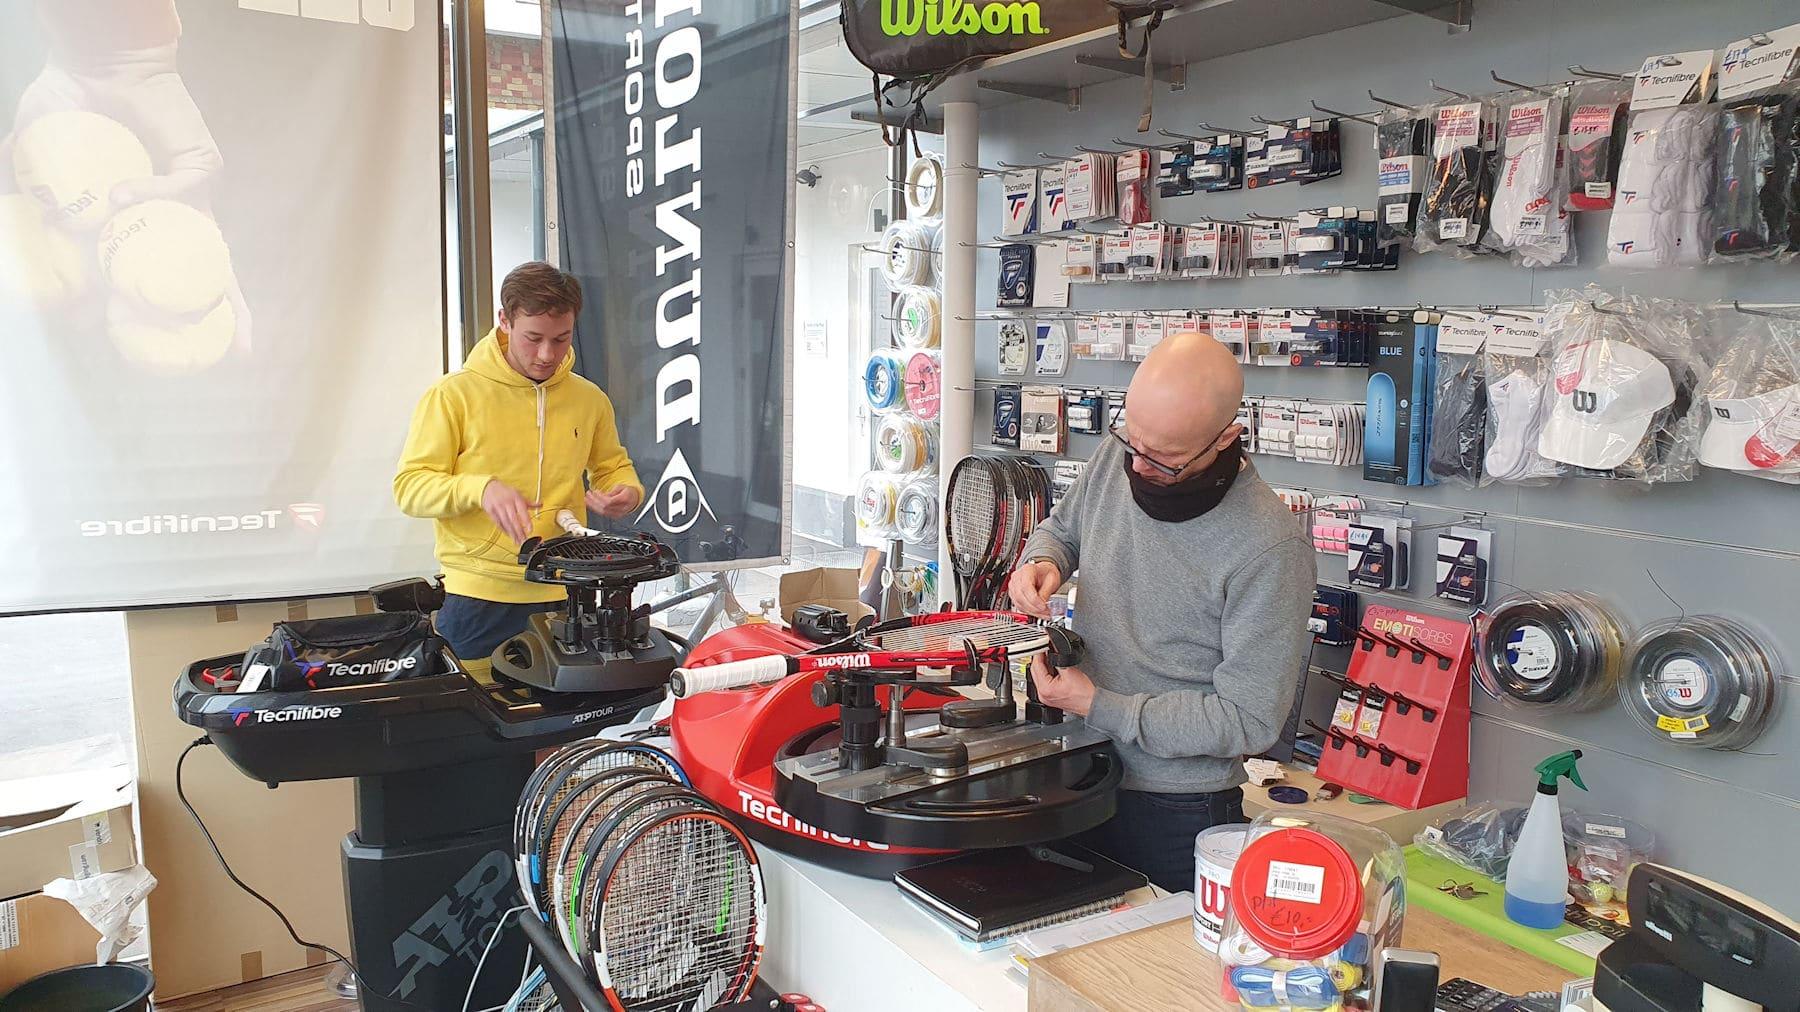 Racketshop de Bataaf - 24 uurs Bespanservice